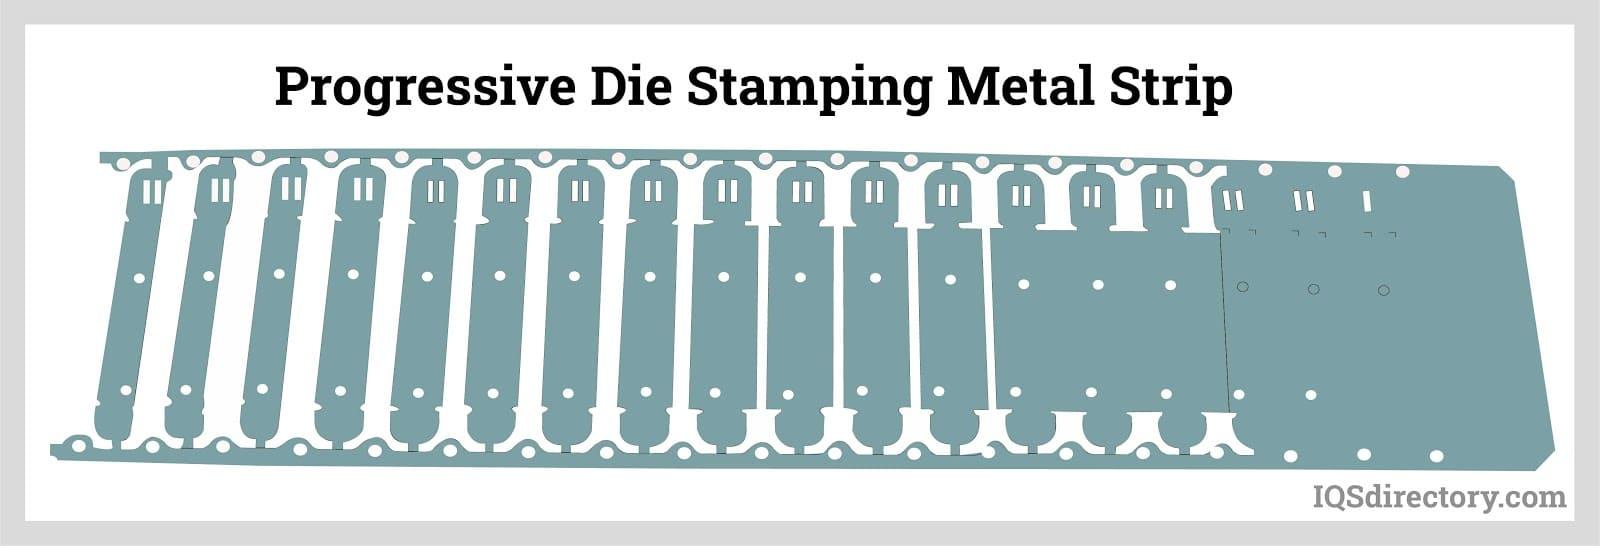 Progressive Die Stamping Metal Strip